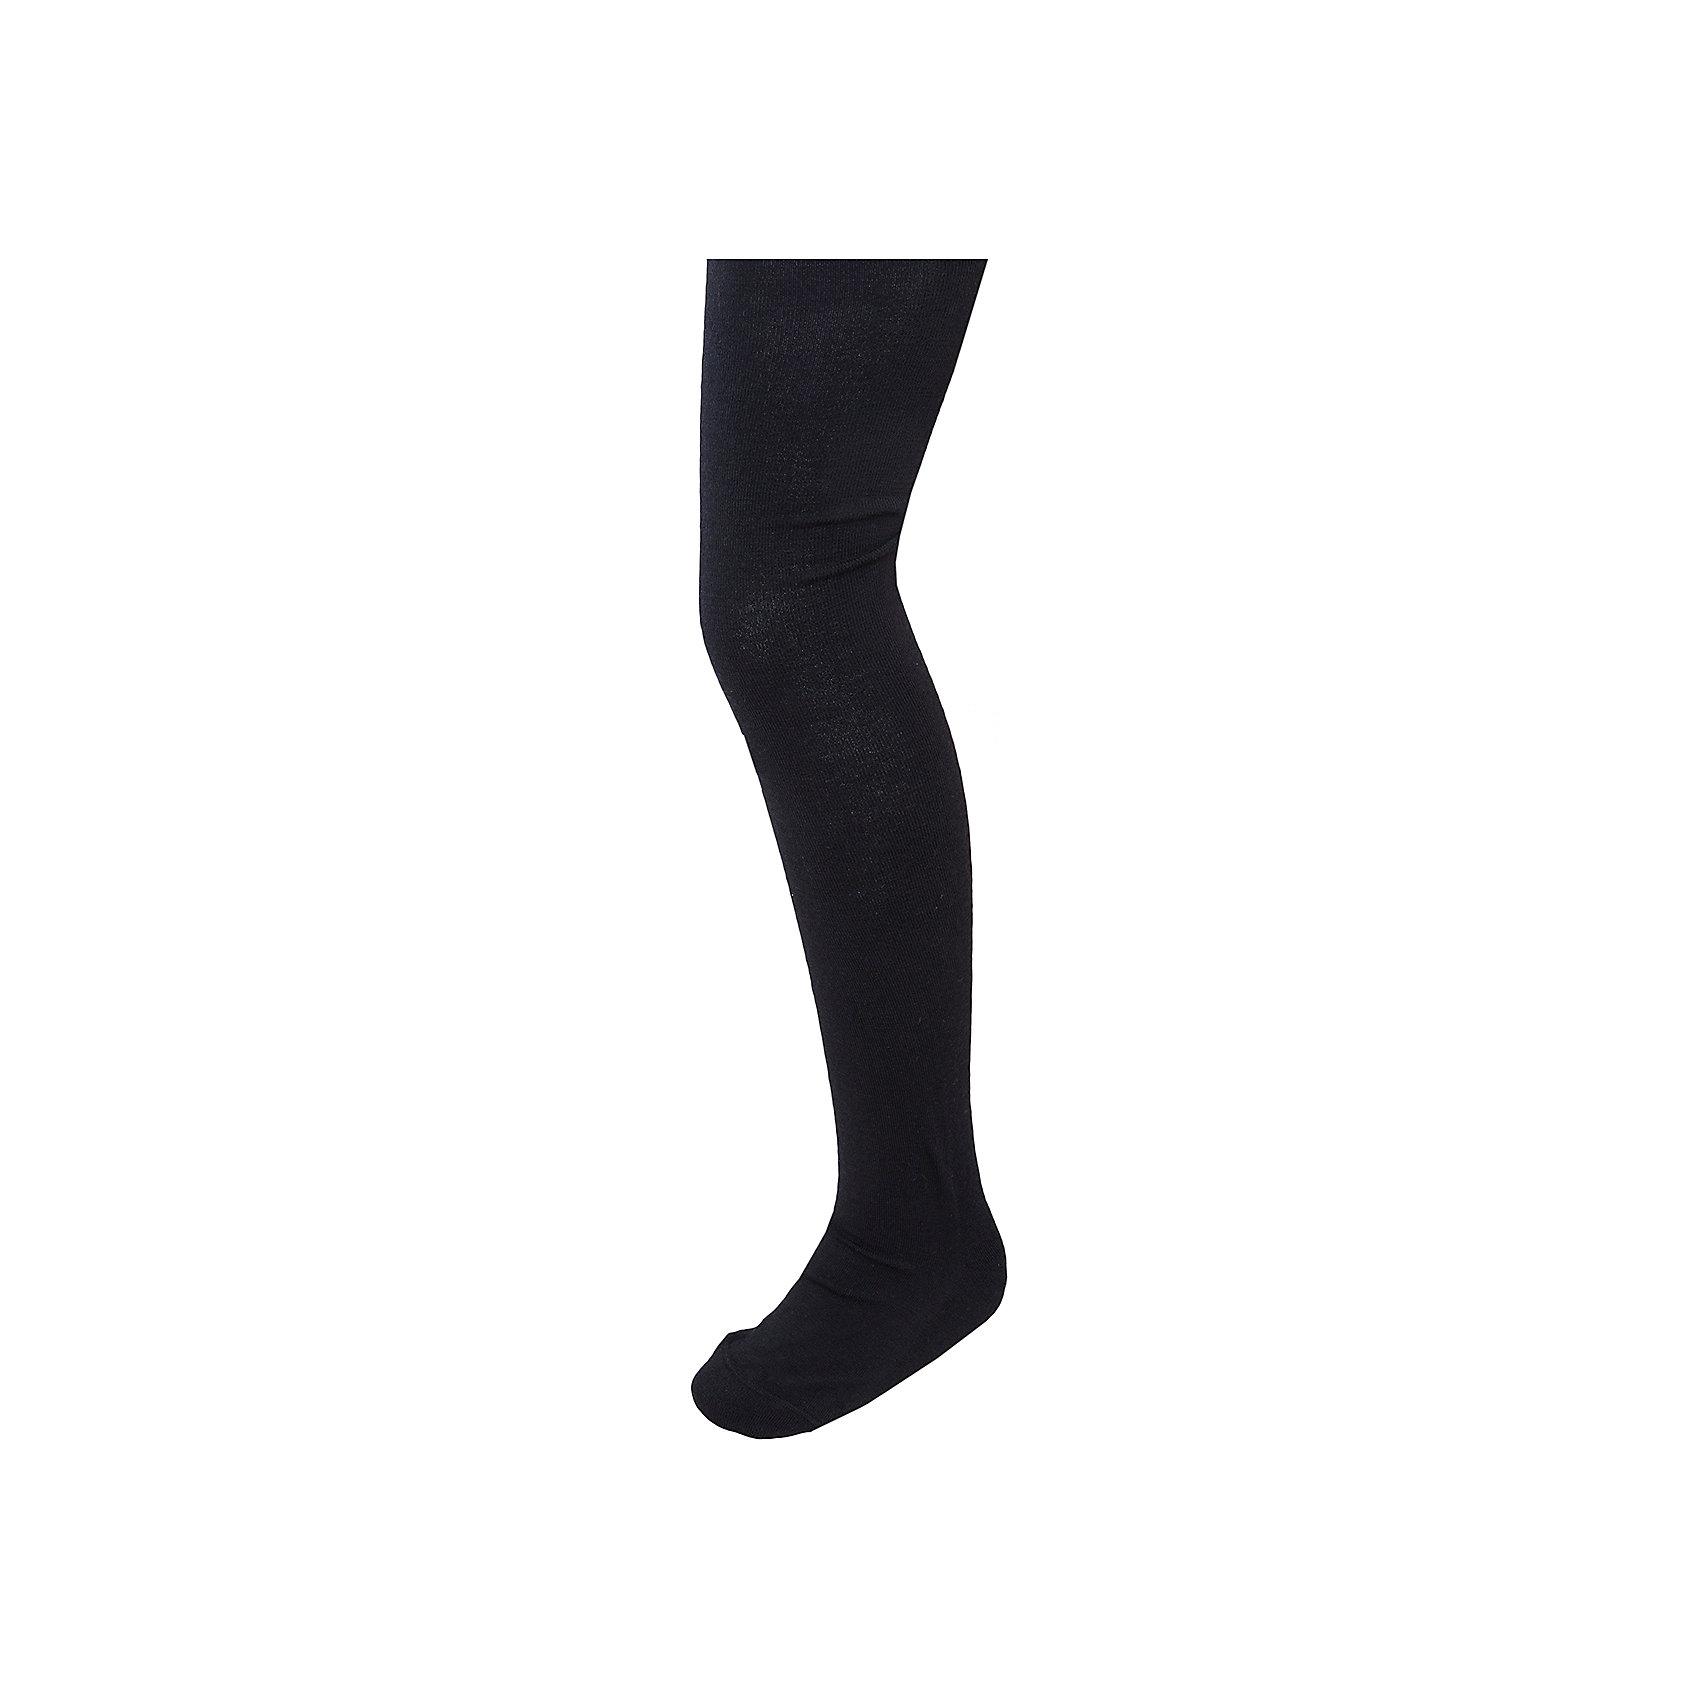 Колготки NorvegКолготки от известного бренда Norveg<br><br>Термоколготки Norveg Soft Merino Wool от немецкой компании Norveg (Норвег) - это удобная и красивая одежда, которая обеспечит комфортную терморегуляцию тела и на улице, и в помещении. <br>Они сделаны из шерсти мериноса (австралийской тонкорунной овцы), которая обладает гипоаллергенными свойствами, поэтому не вызывает раздражения, даже если надета на голое тело. <br>Отличительные особенности модели:<br><br>- цвет - черный;<br>- швы плоские, не натирают и не мешают движению;<br>- анатомические резинки;<br>- материал впитывает влагу и сразу выводит наружу;<br>- анатомический крой;<br>- подходит и мальчикам, и девочкам;<br>- не мешает под одеждой.<br><br>Дополнительная информация:<br><br>- Температурный режим: от - 30° С  до +5° С.<br><br>- Состав: 100% шерсть мериносов<br><br>Колготки Norveg (Норвег) можно купить в нашем магазине.<br><br>Ширина мм: 123<br>Глубина мм: 10<br>Высота мм: 149<br>Вес г: 209<br>Цвет: черный<br>Возраст от месяцев: 72<br>Возраст до месяцев: 84<br>Пол: Унисекс<br>Возраст: Детский<br>Размер: 140,164/170,152/158<br>SKU: 4224676